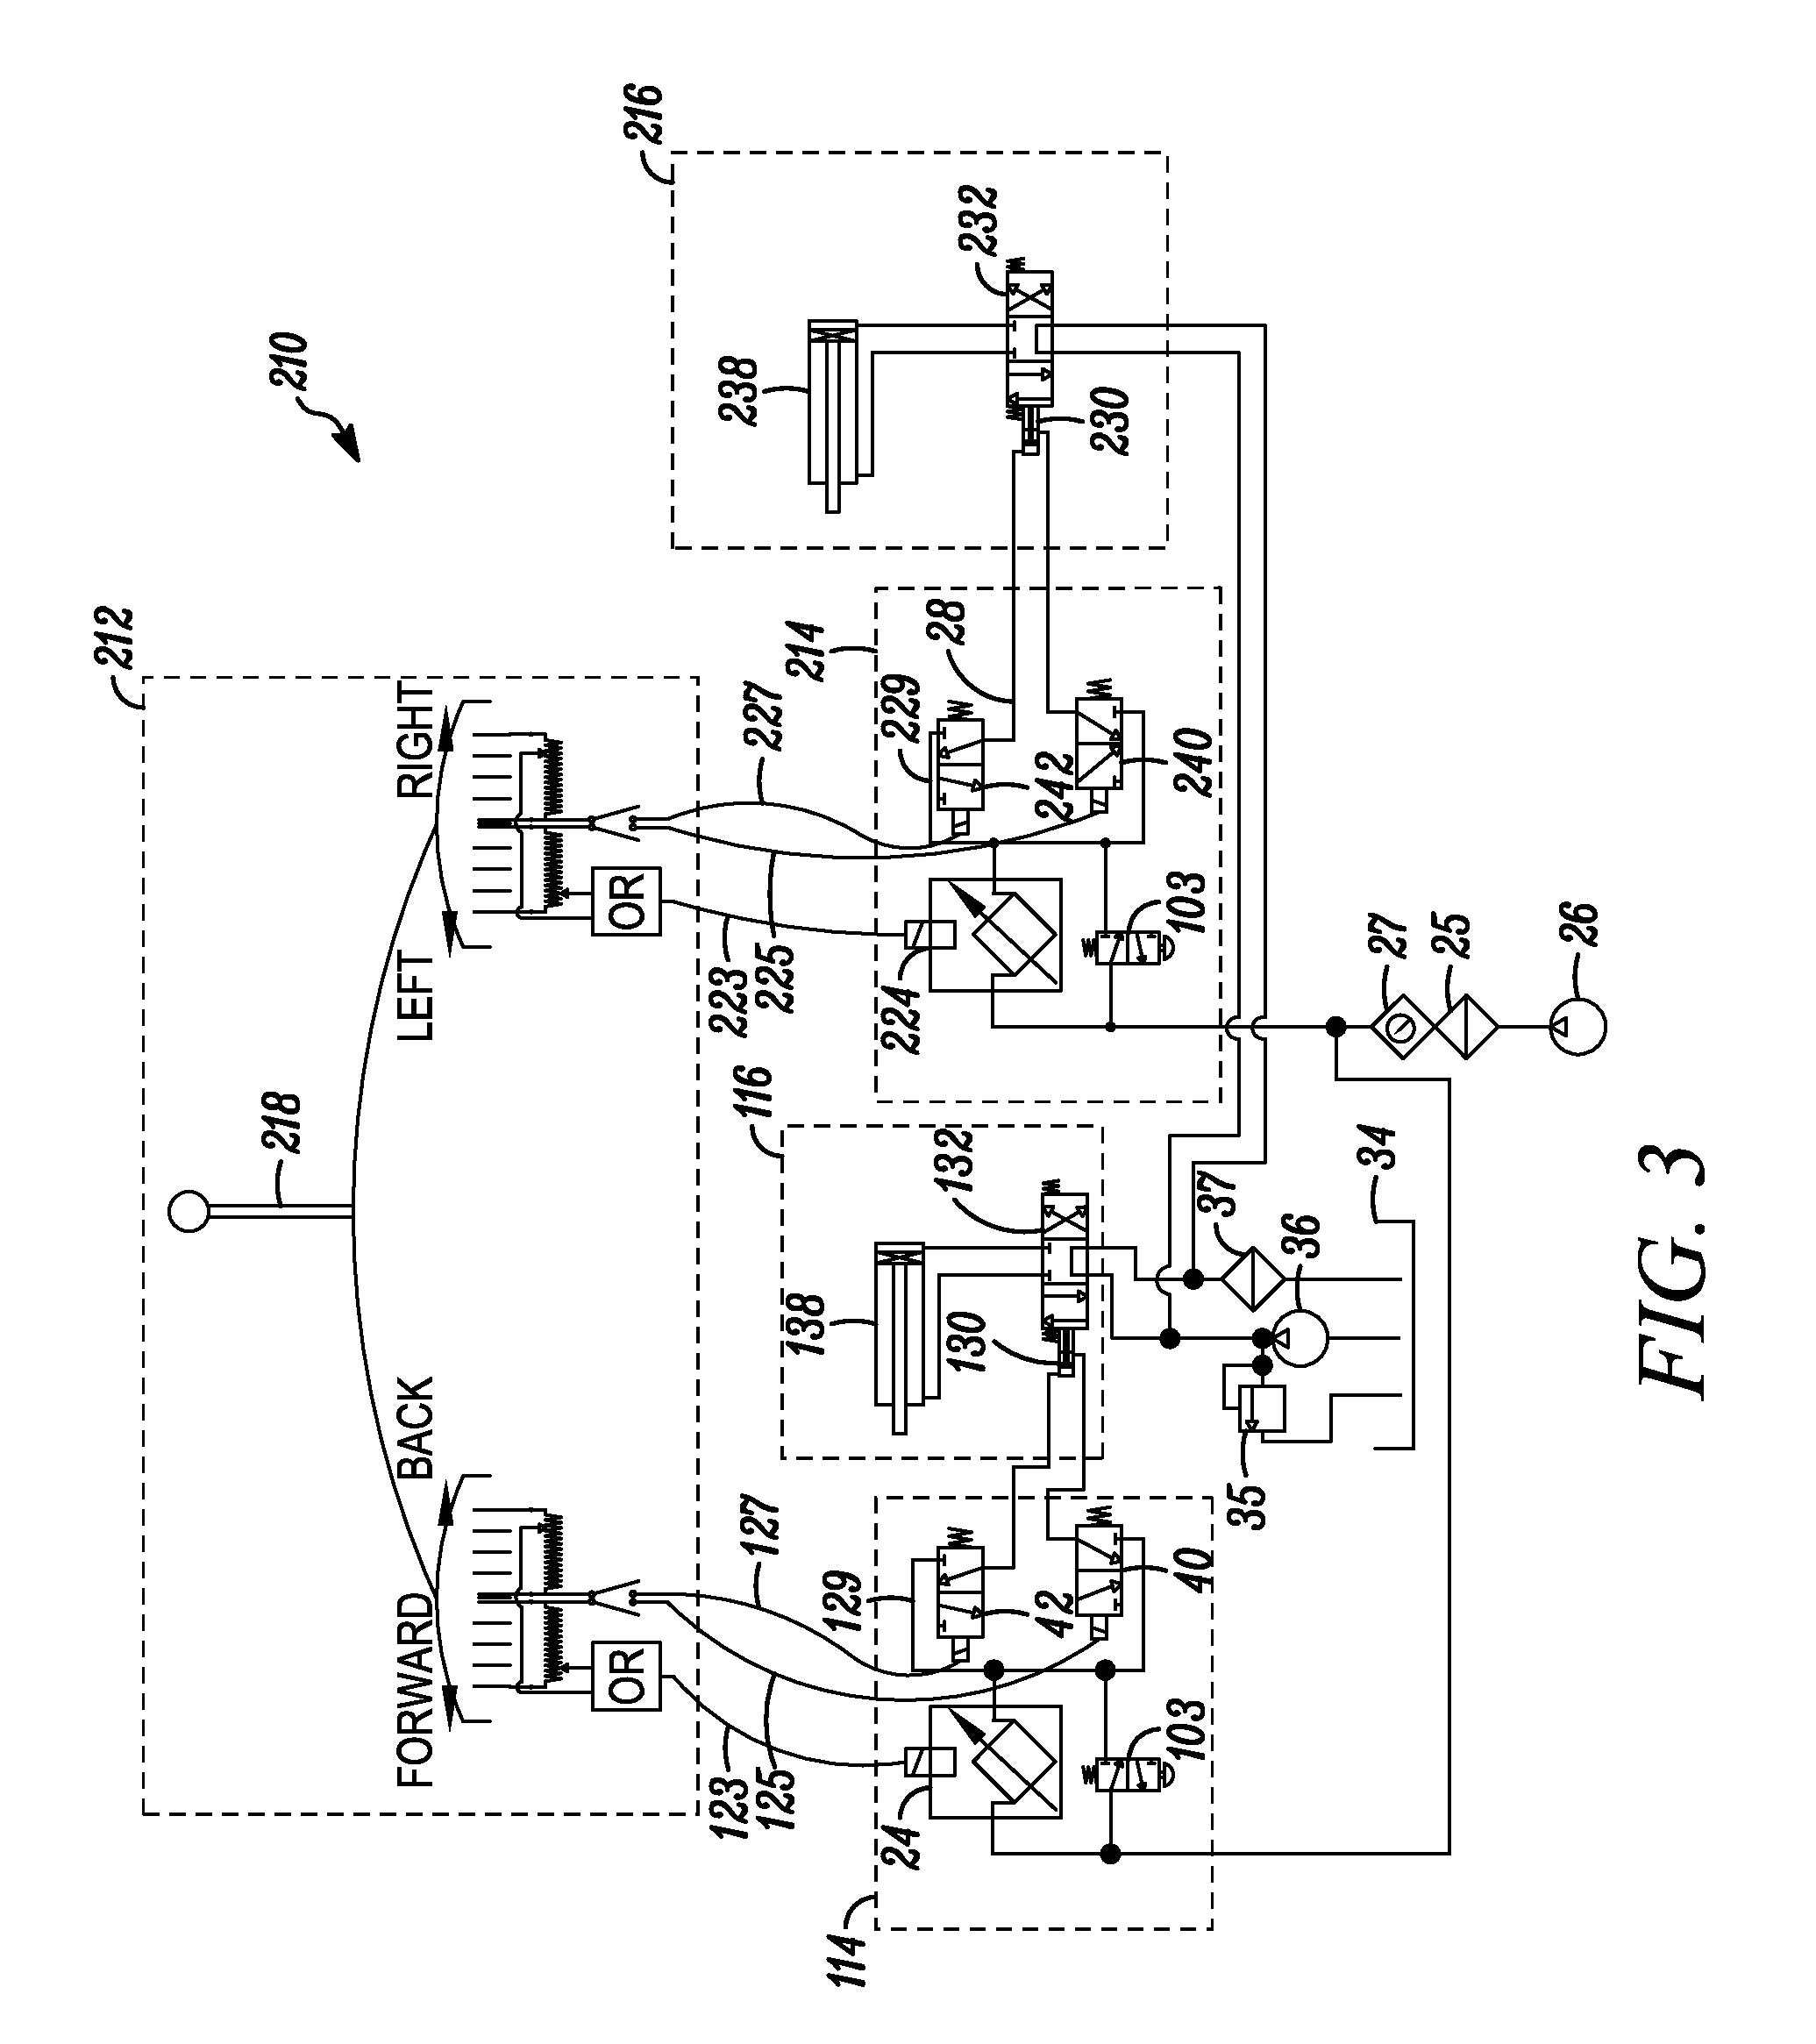 Mcneilus Wiring Schematic 1998 - Wiring Diagram G11